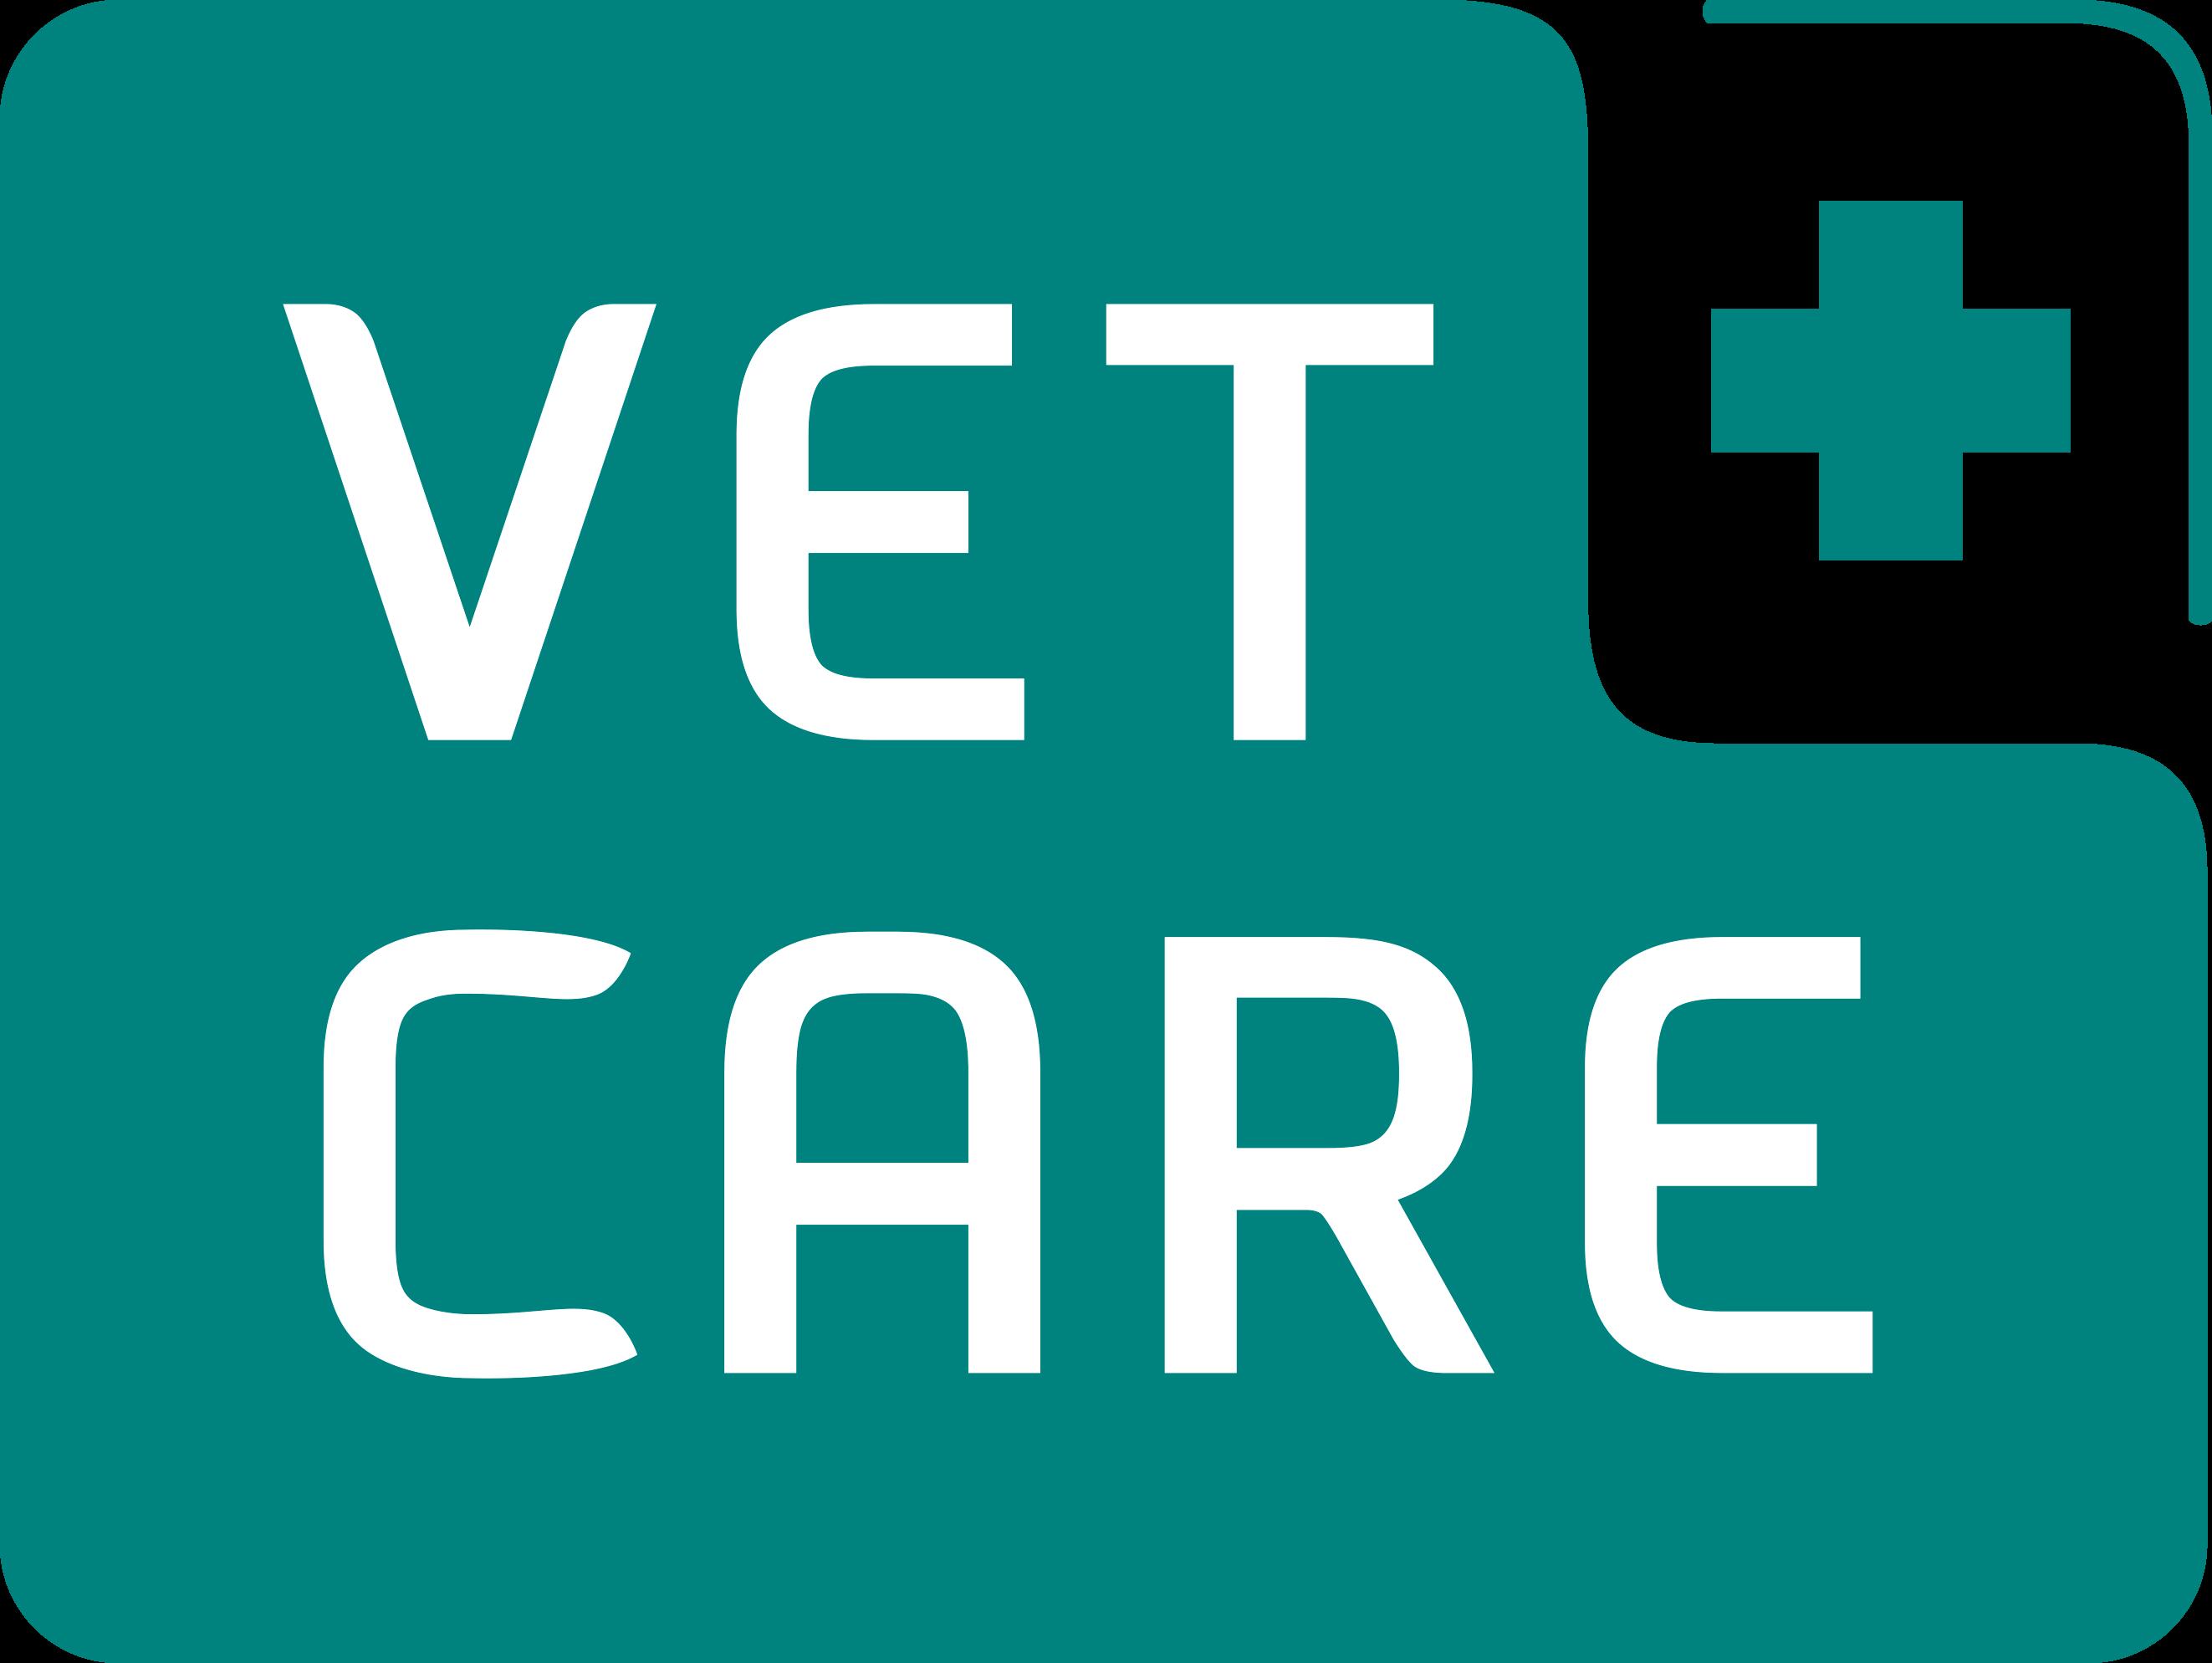 Vetcare_logo